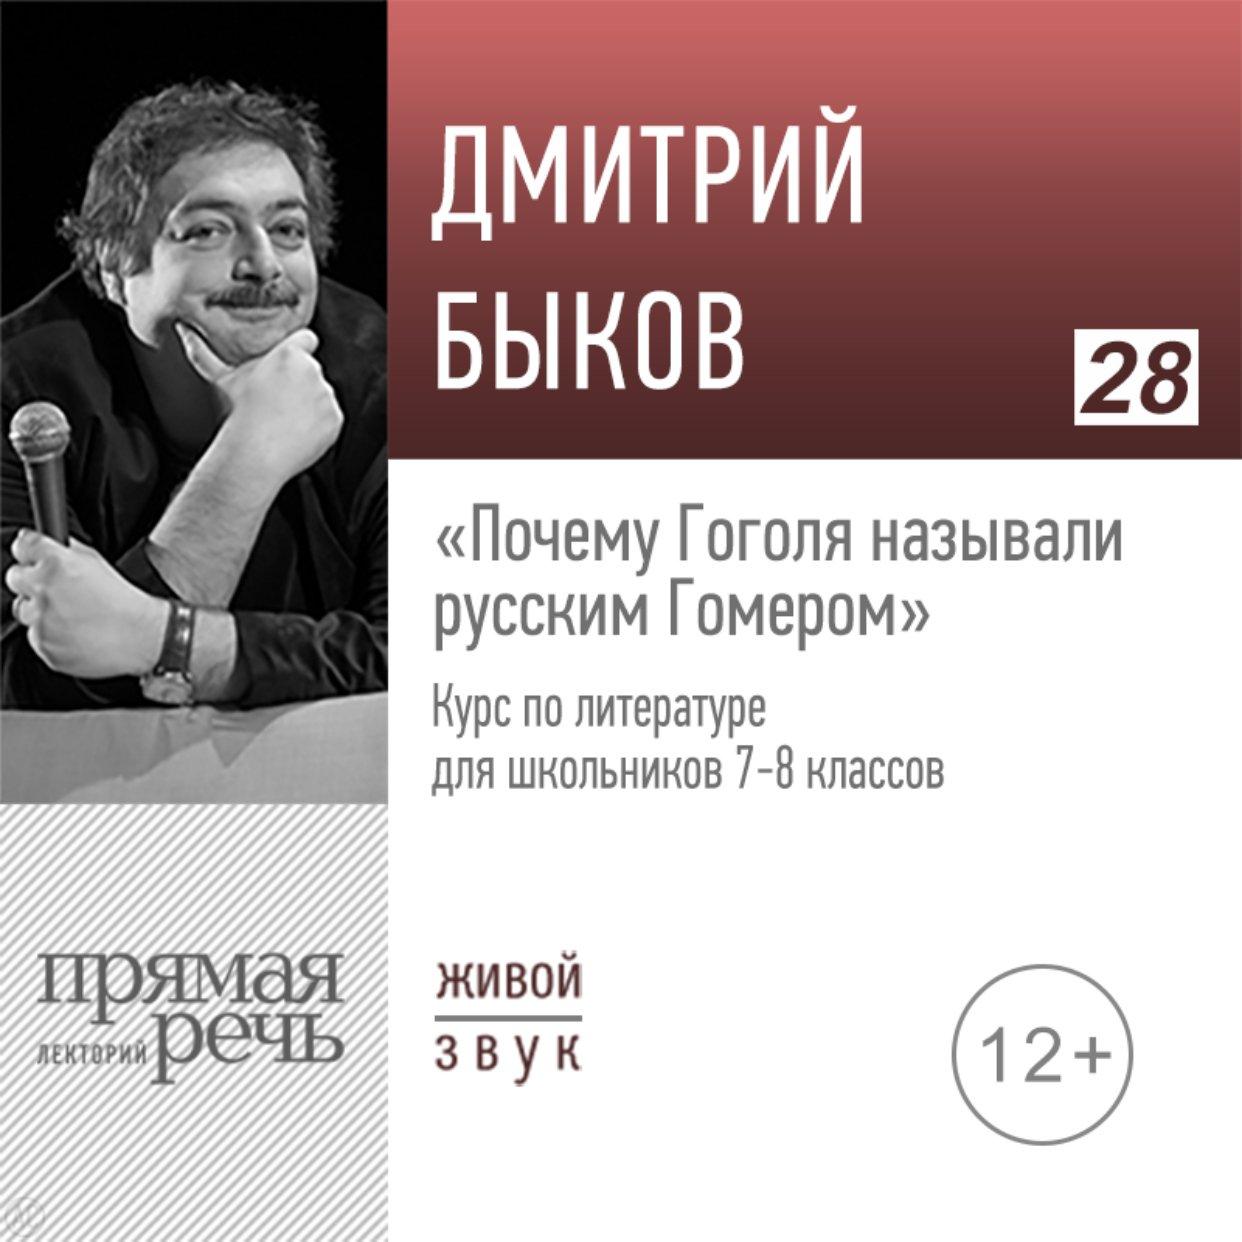 Почему Гоголя называли русским Гомером. Литература. 7-8 класс